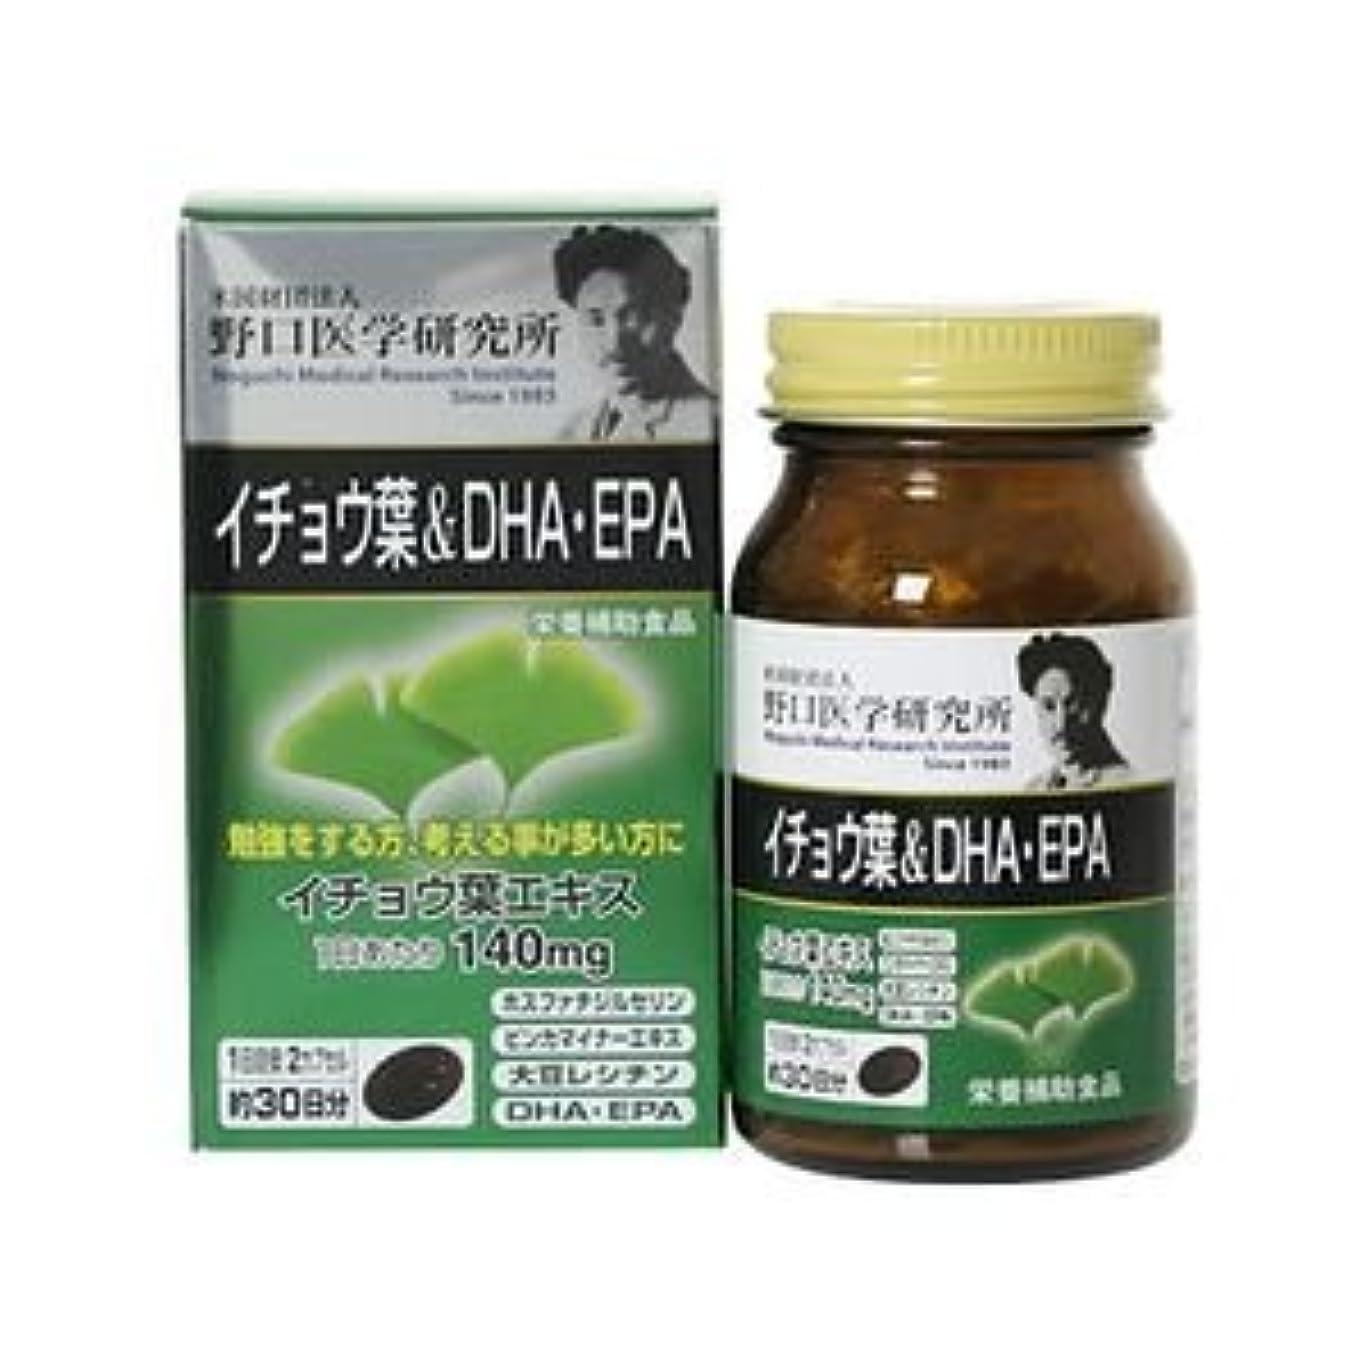 応用ビリー通信網野口医学研究所 イチョウ葉&DHA?EPA お徳な6個セット